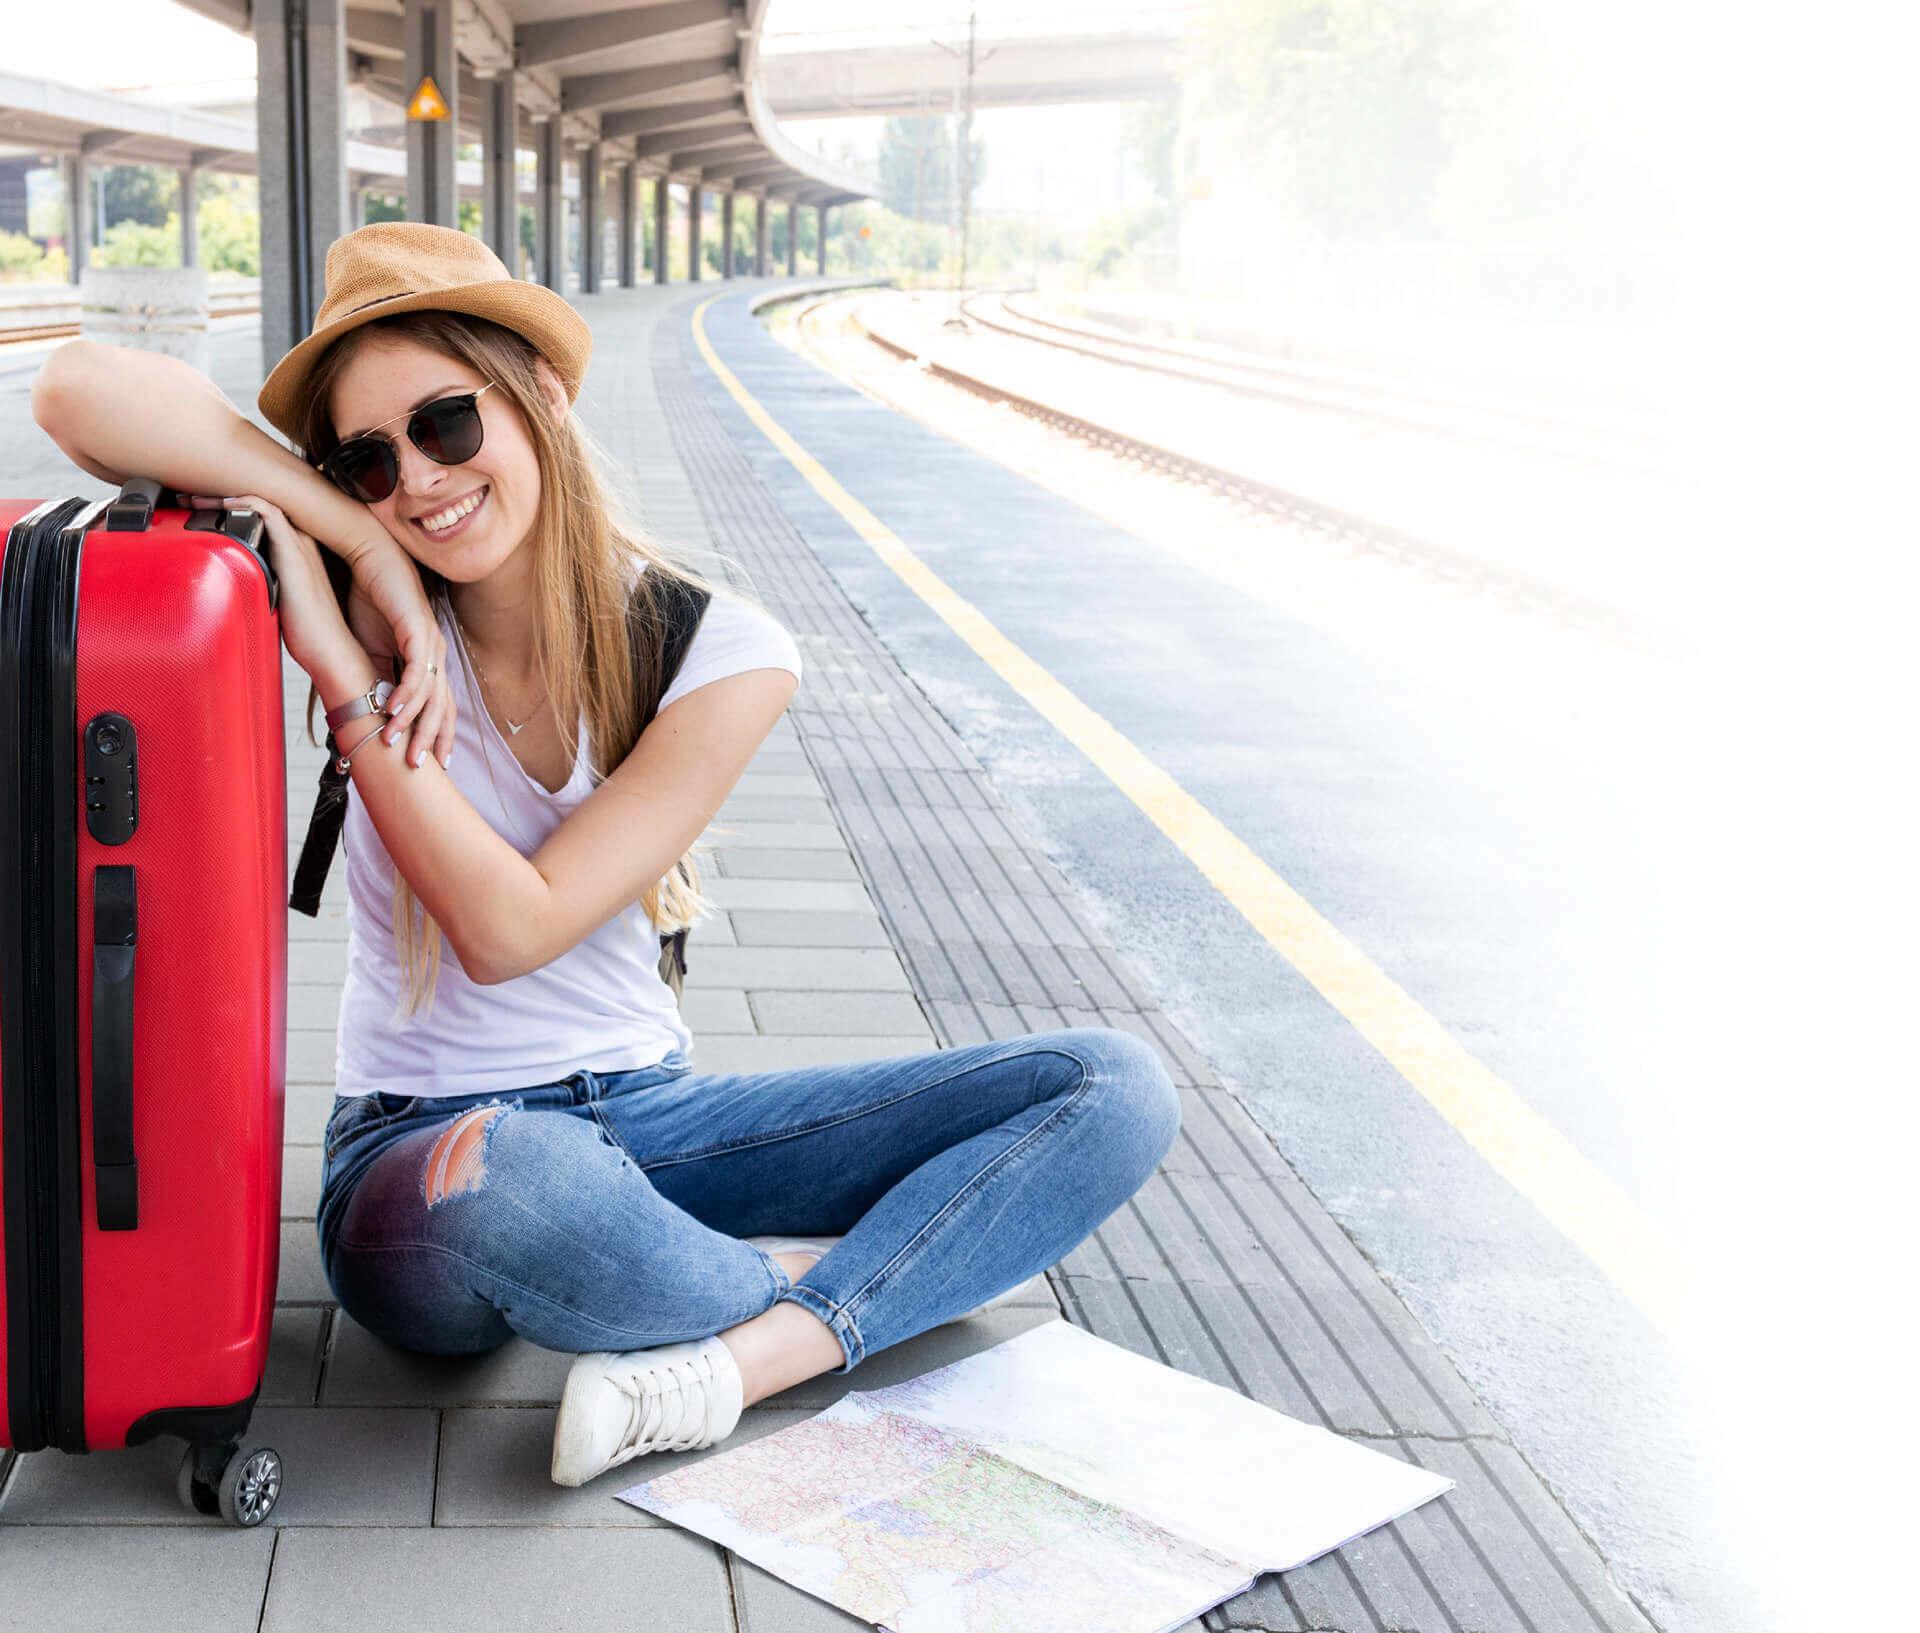 Imagem representativa Contato Thermas Tour Operadora de Turismo